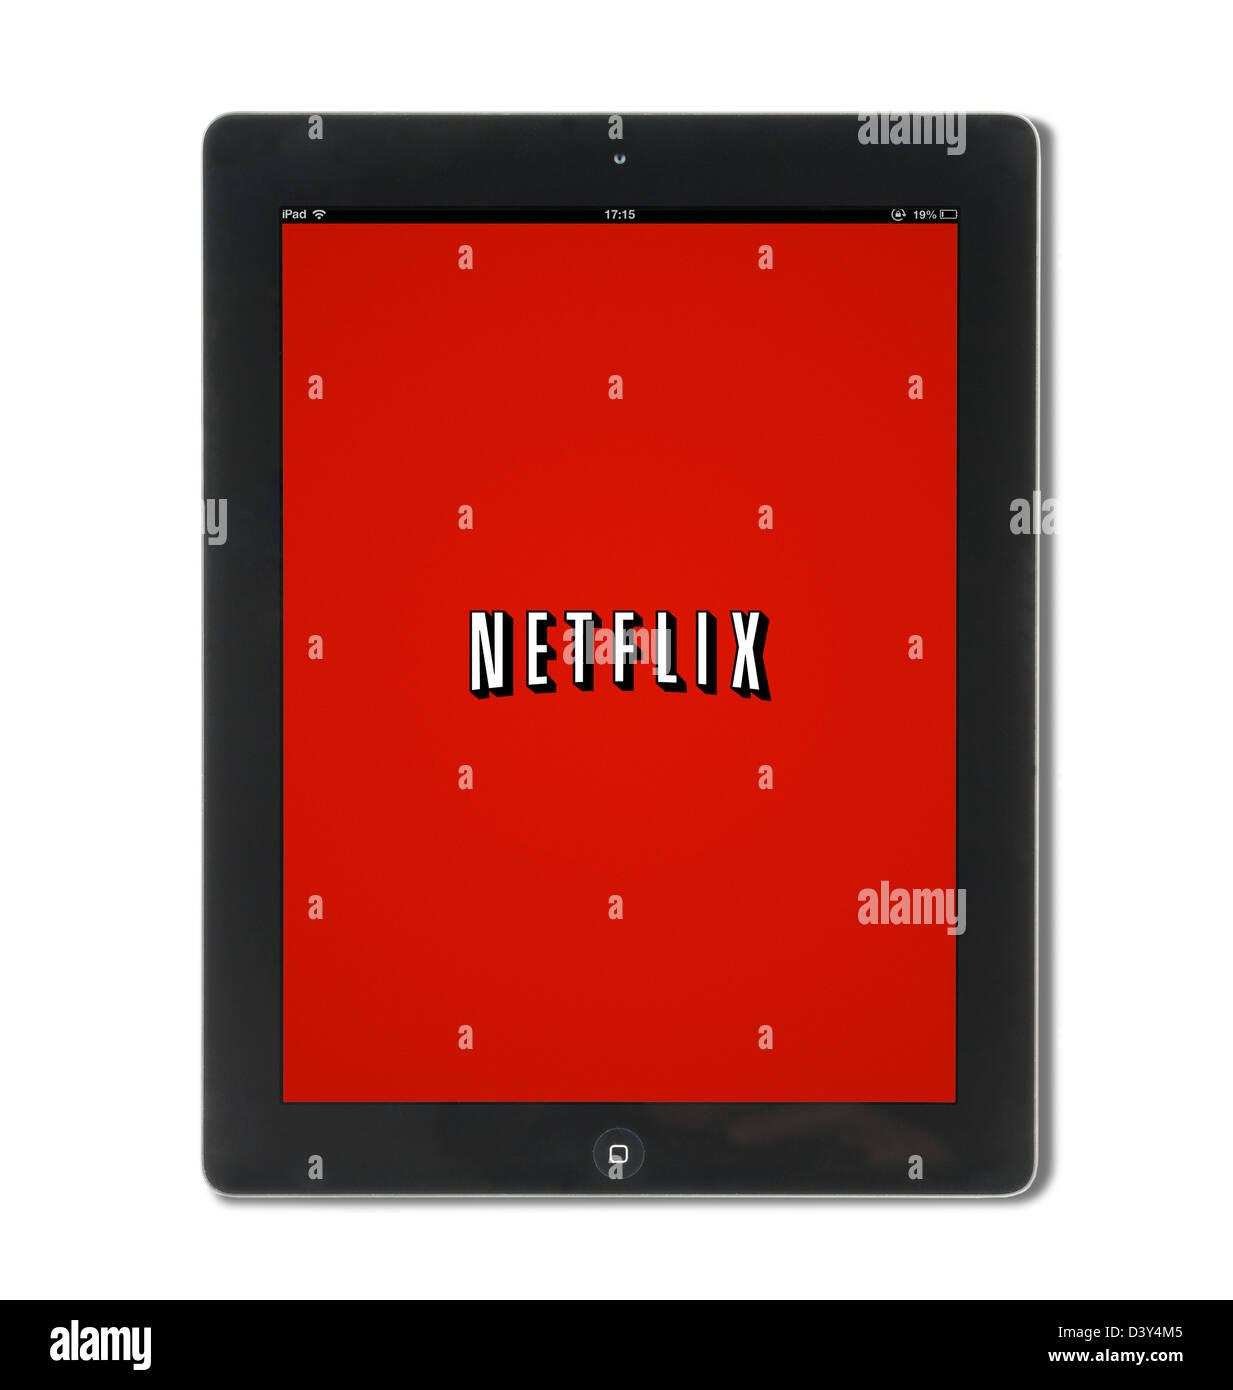 Il video Netflix sito web streaming, visualizzati su una quarta generazione di iPad, REGNO UNITO Immagini Stock